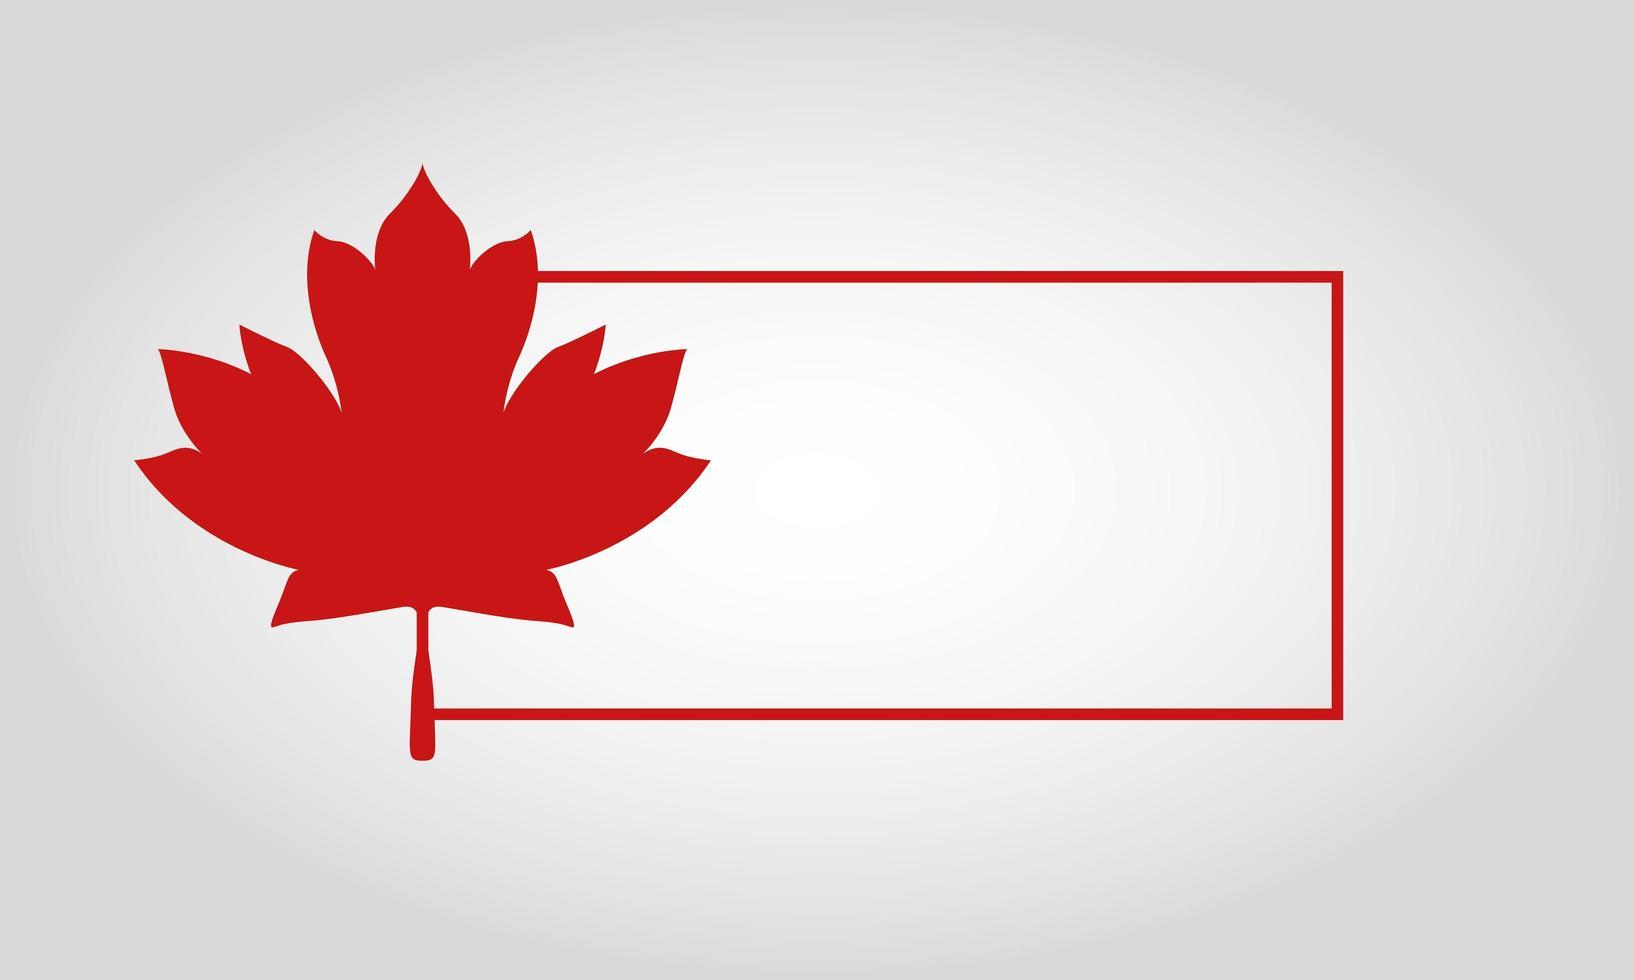 cornice con foglia d'acero canadese per il disegno vettoriale felice giorno del canada